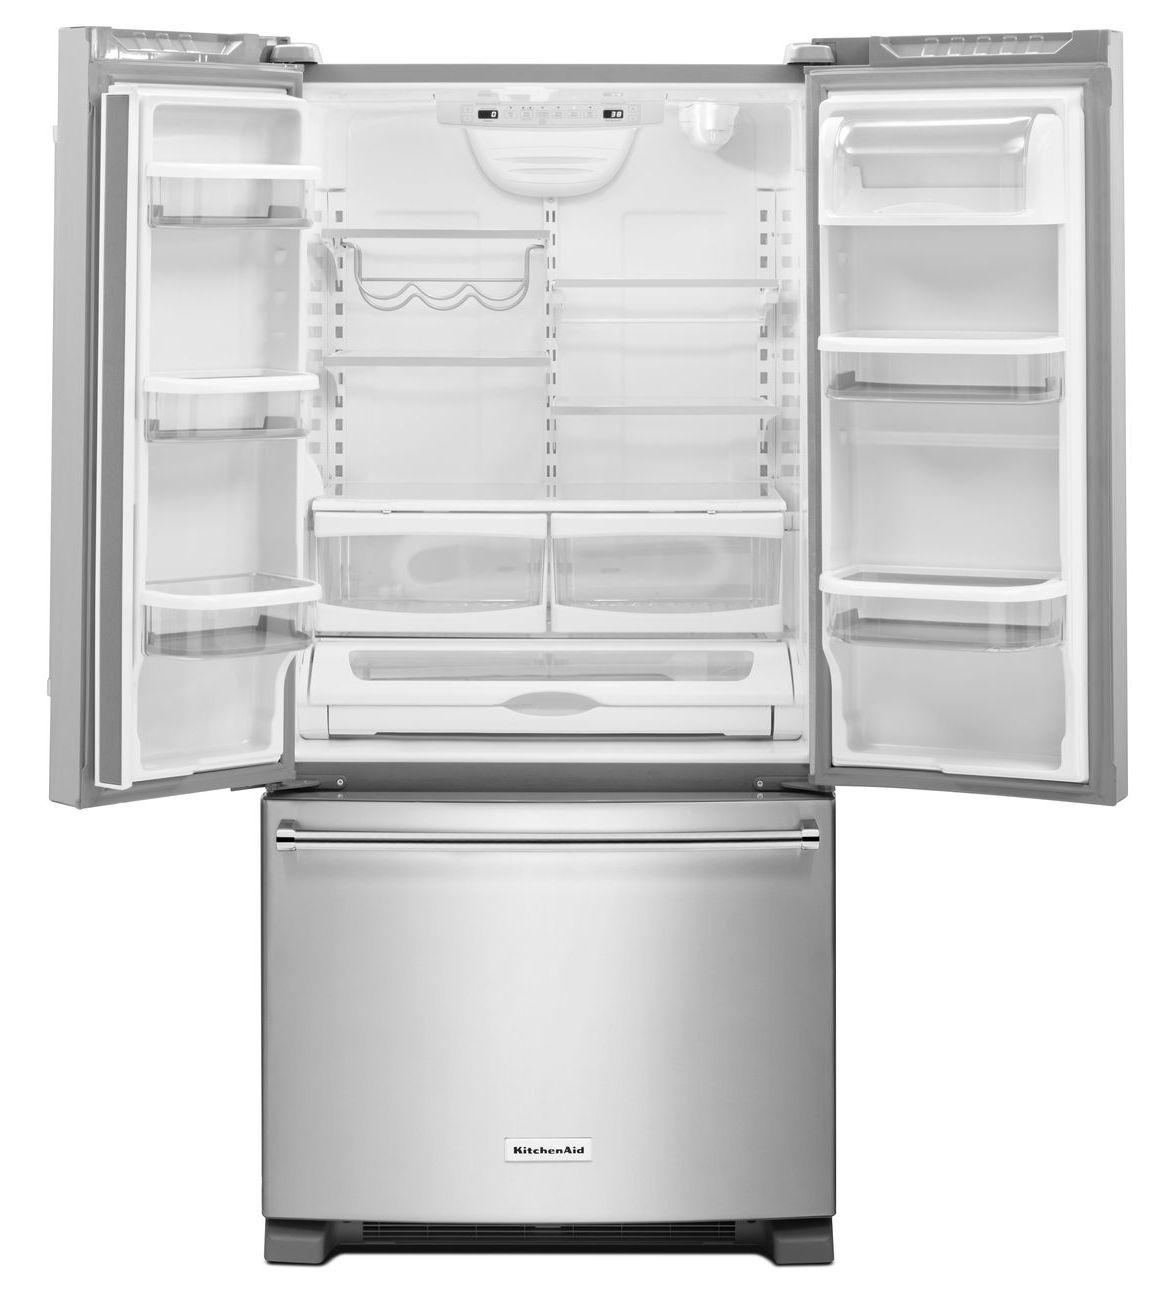 Réfrigérateur de 22 pi cu doté du système de gestion ExtendFresh